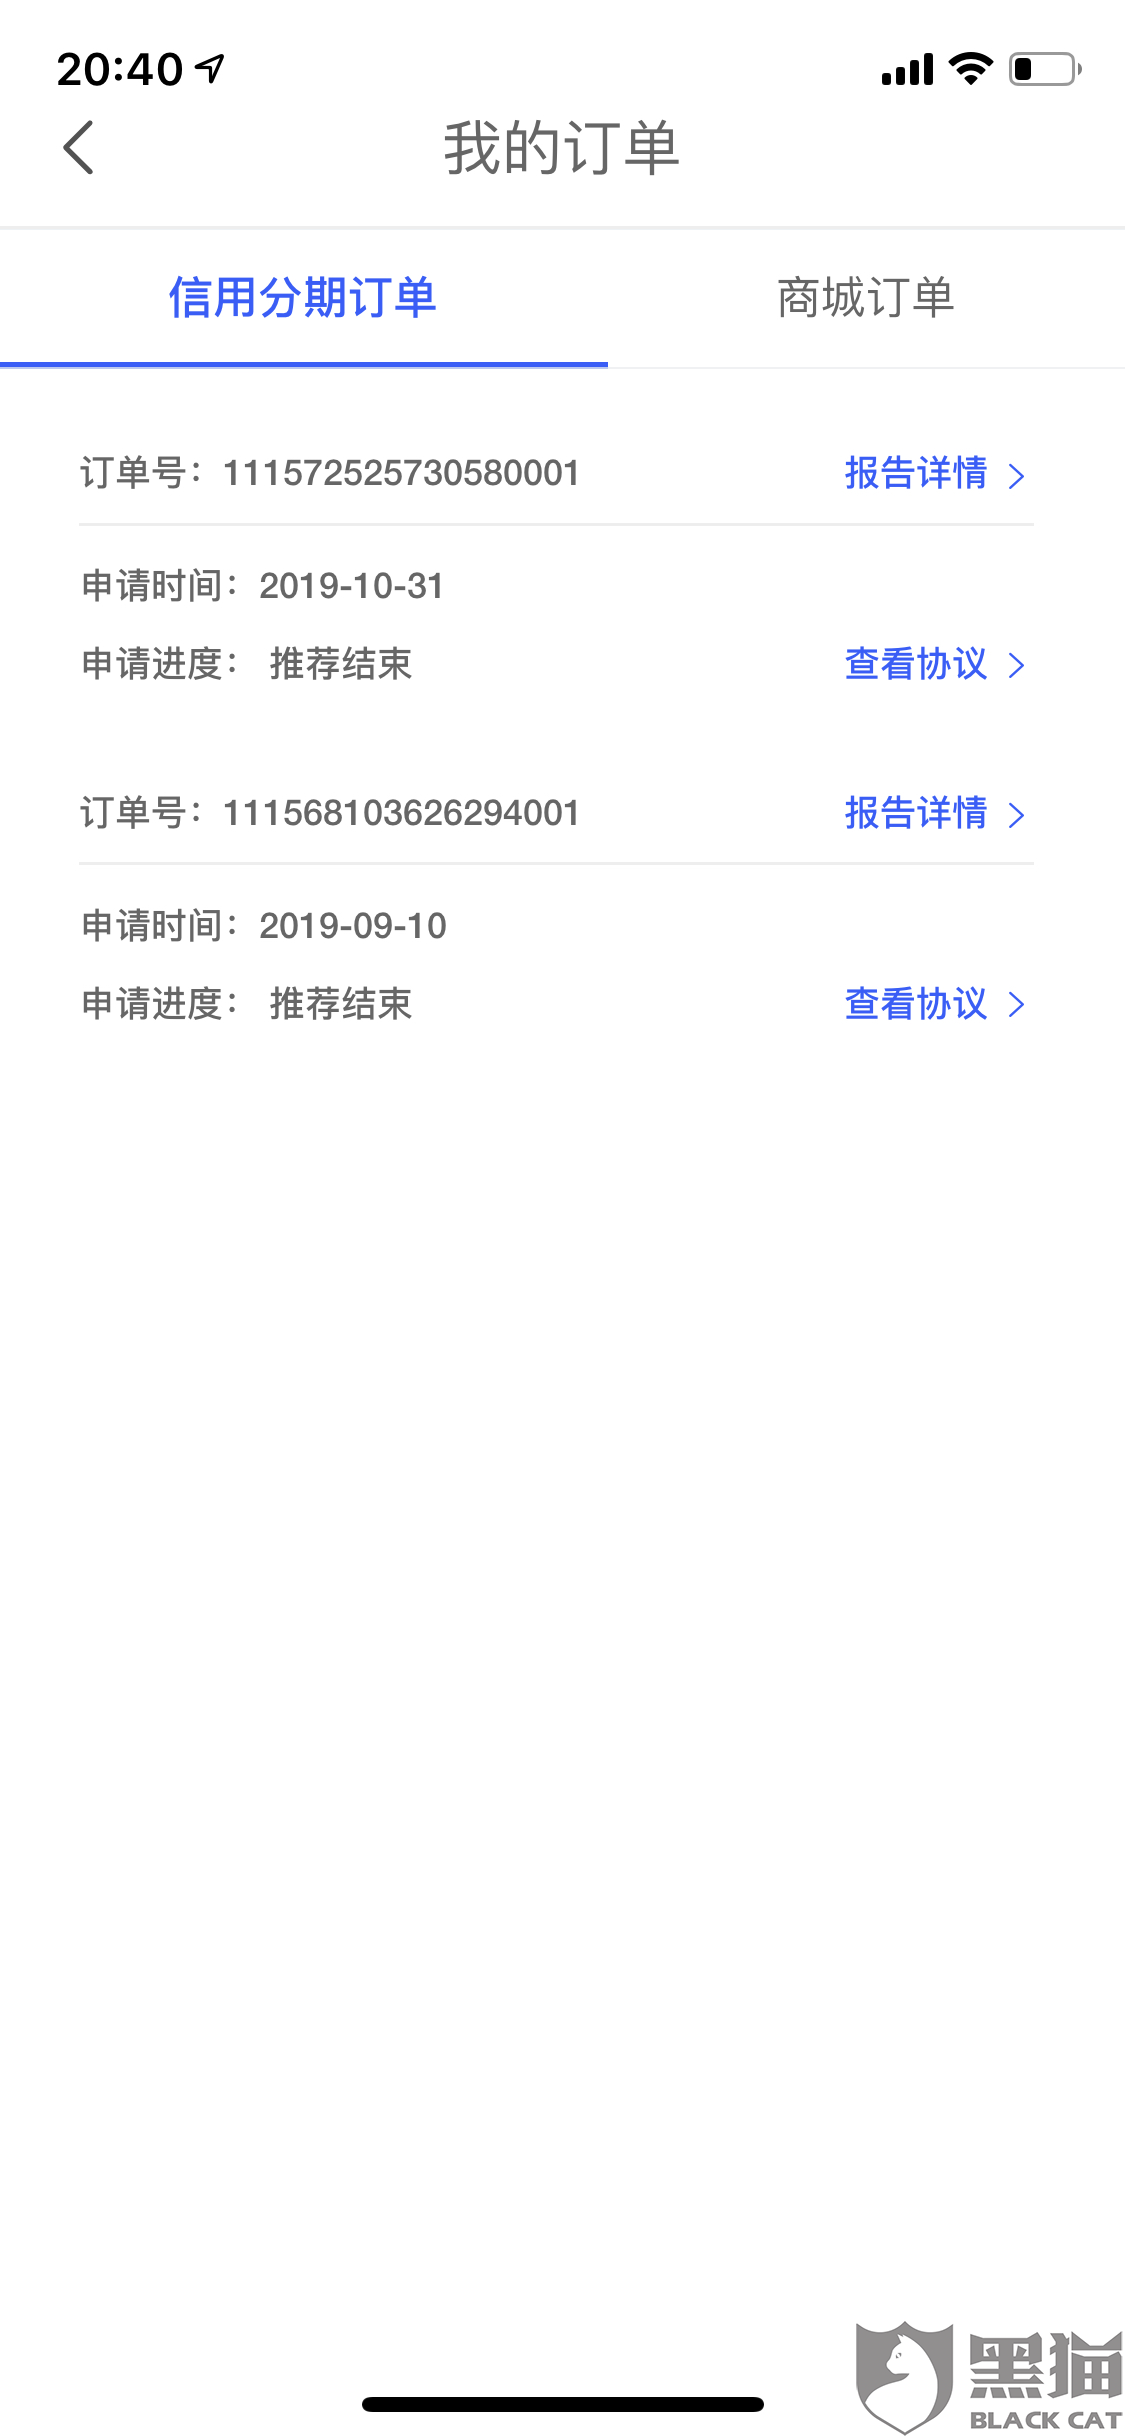 黑猫投诉:造艺技术旗下百事普惠扣款299联系客服不予退款也不停止扣款